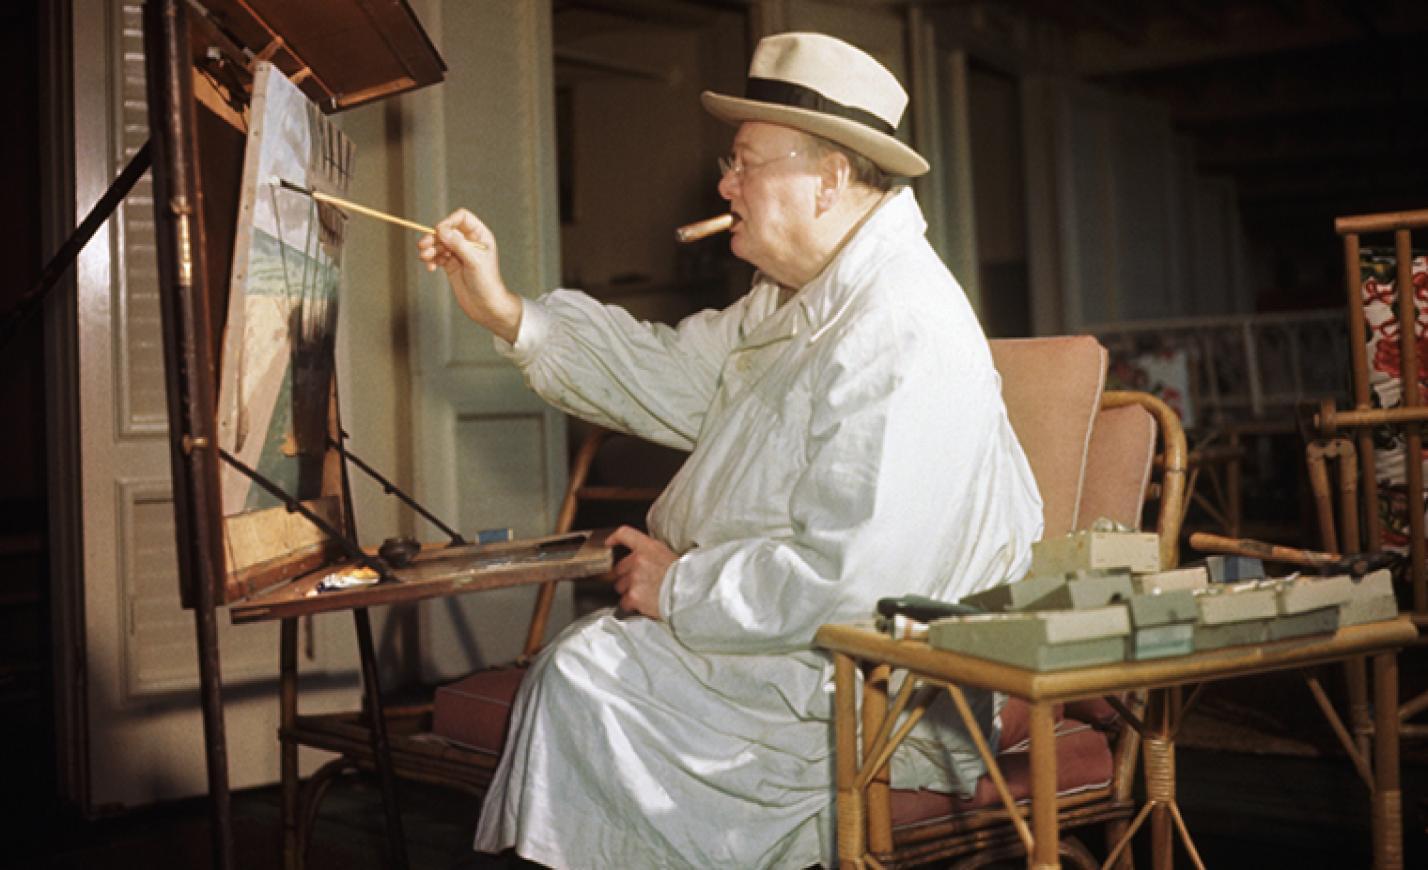 400 milliót fizettek a whisky-s festményért, amit Sir Winston Churchill készített - KÉP